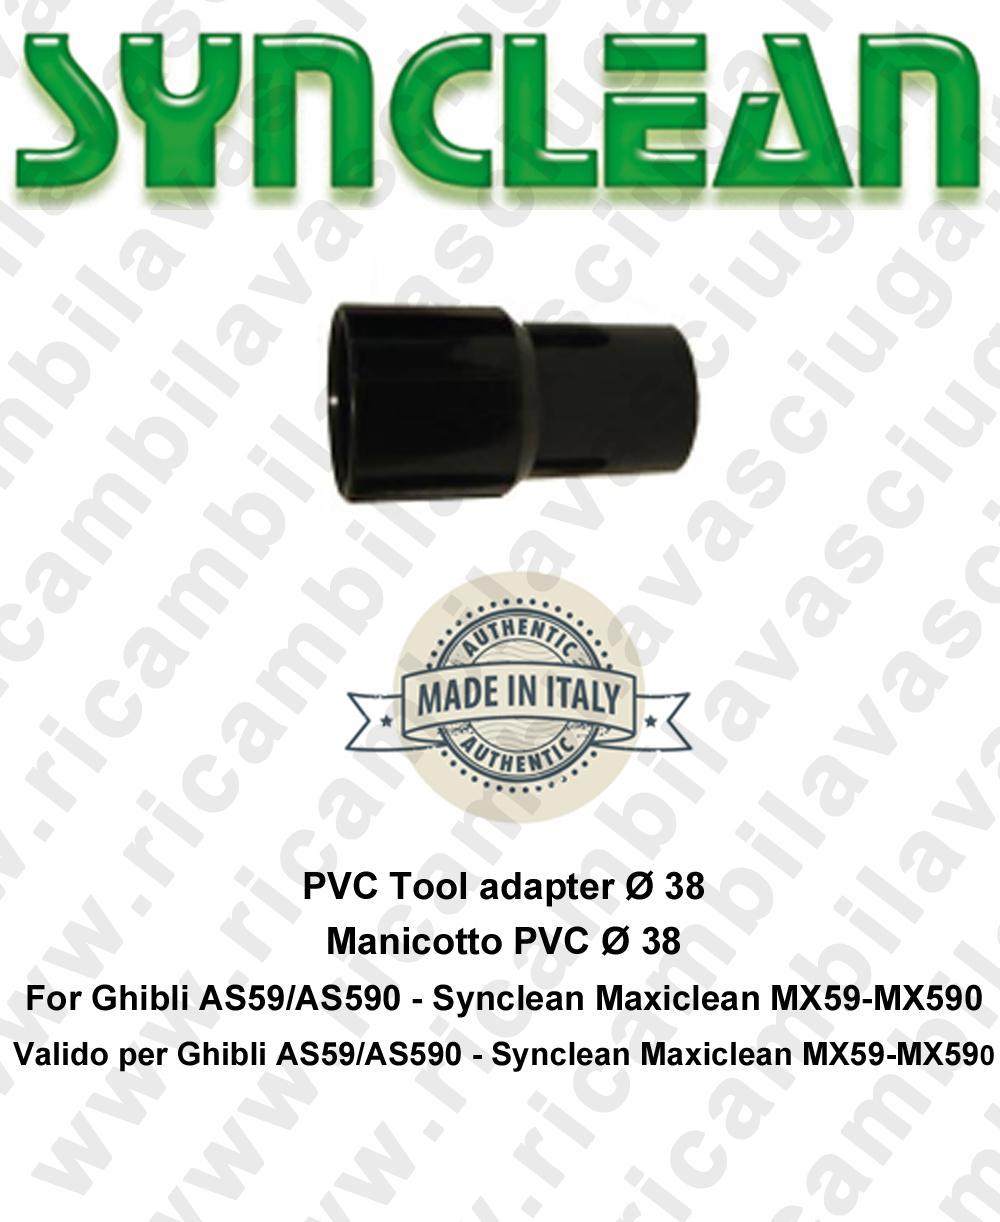 Manicotto per tubo aspirazione PVC Ø 38 valido per aspirapolvere Ghibli AS59 - AS590 - Synclean MX59 - MX590